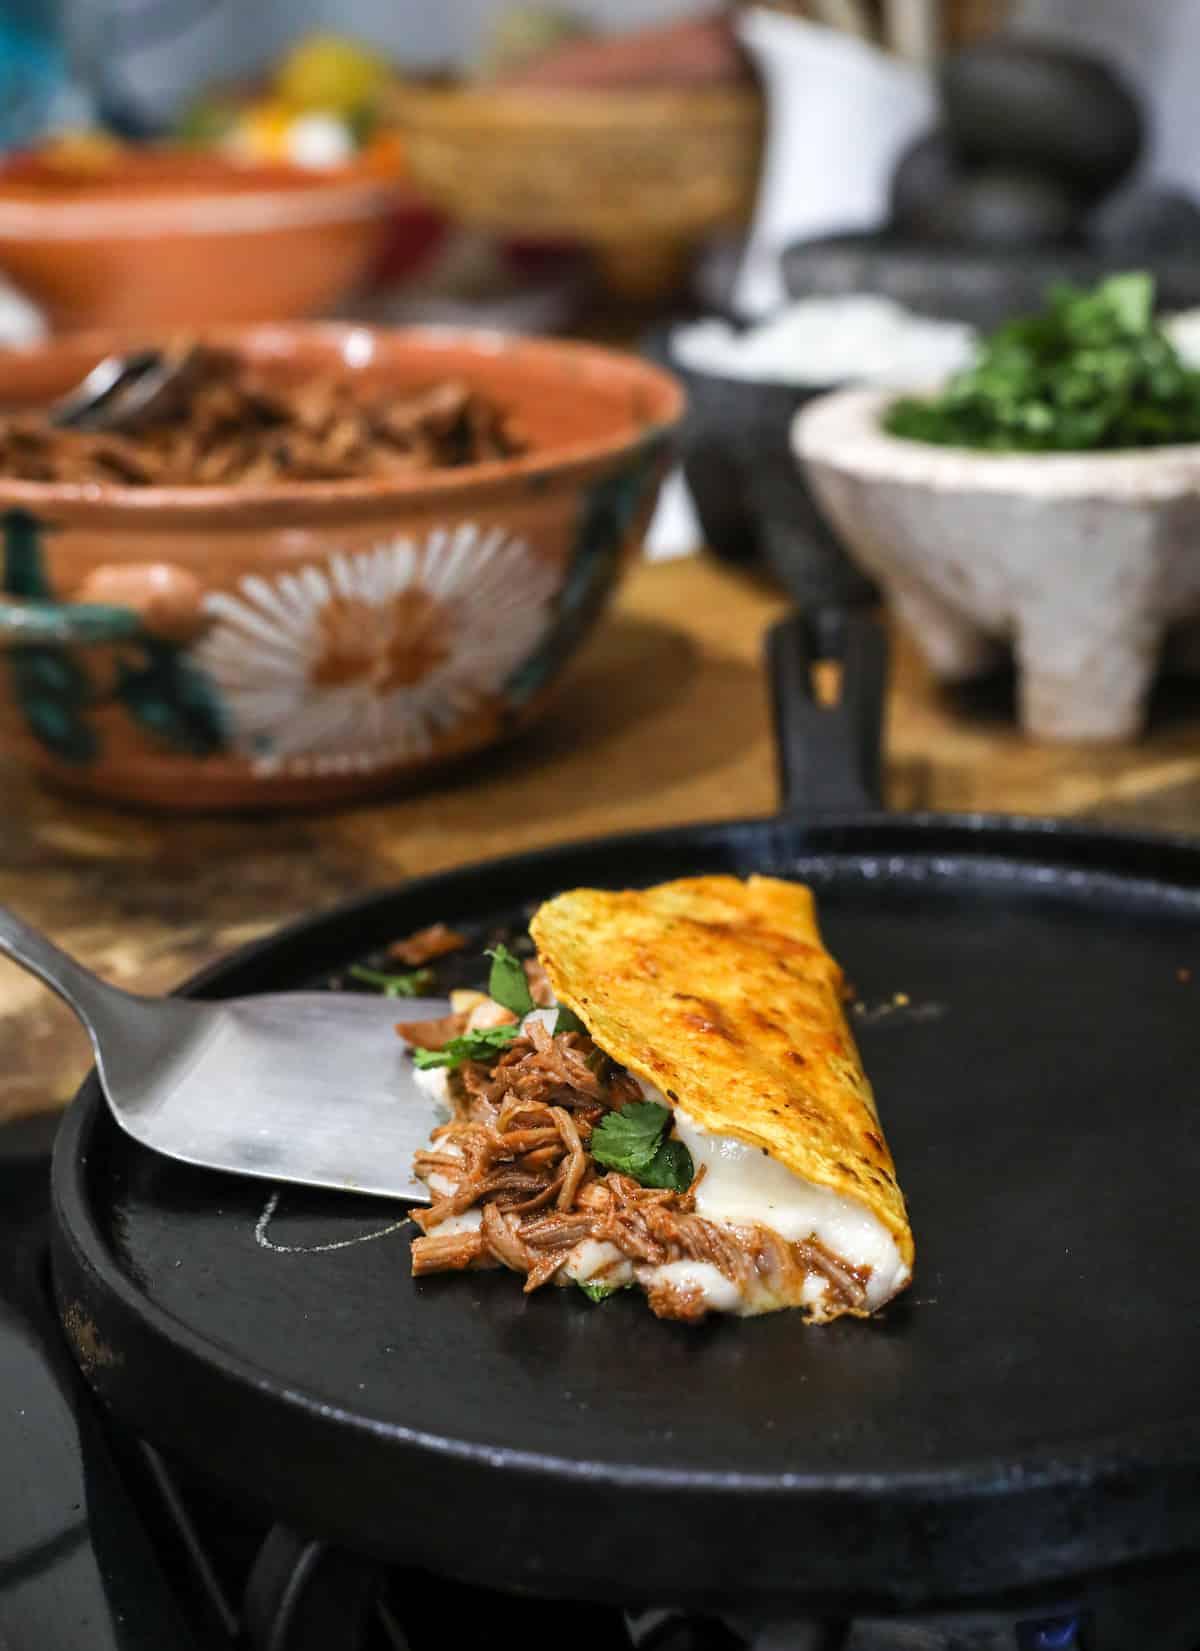 a cheesy birria de res taco on the comal with a silver spatula